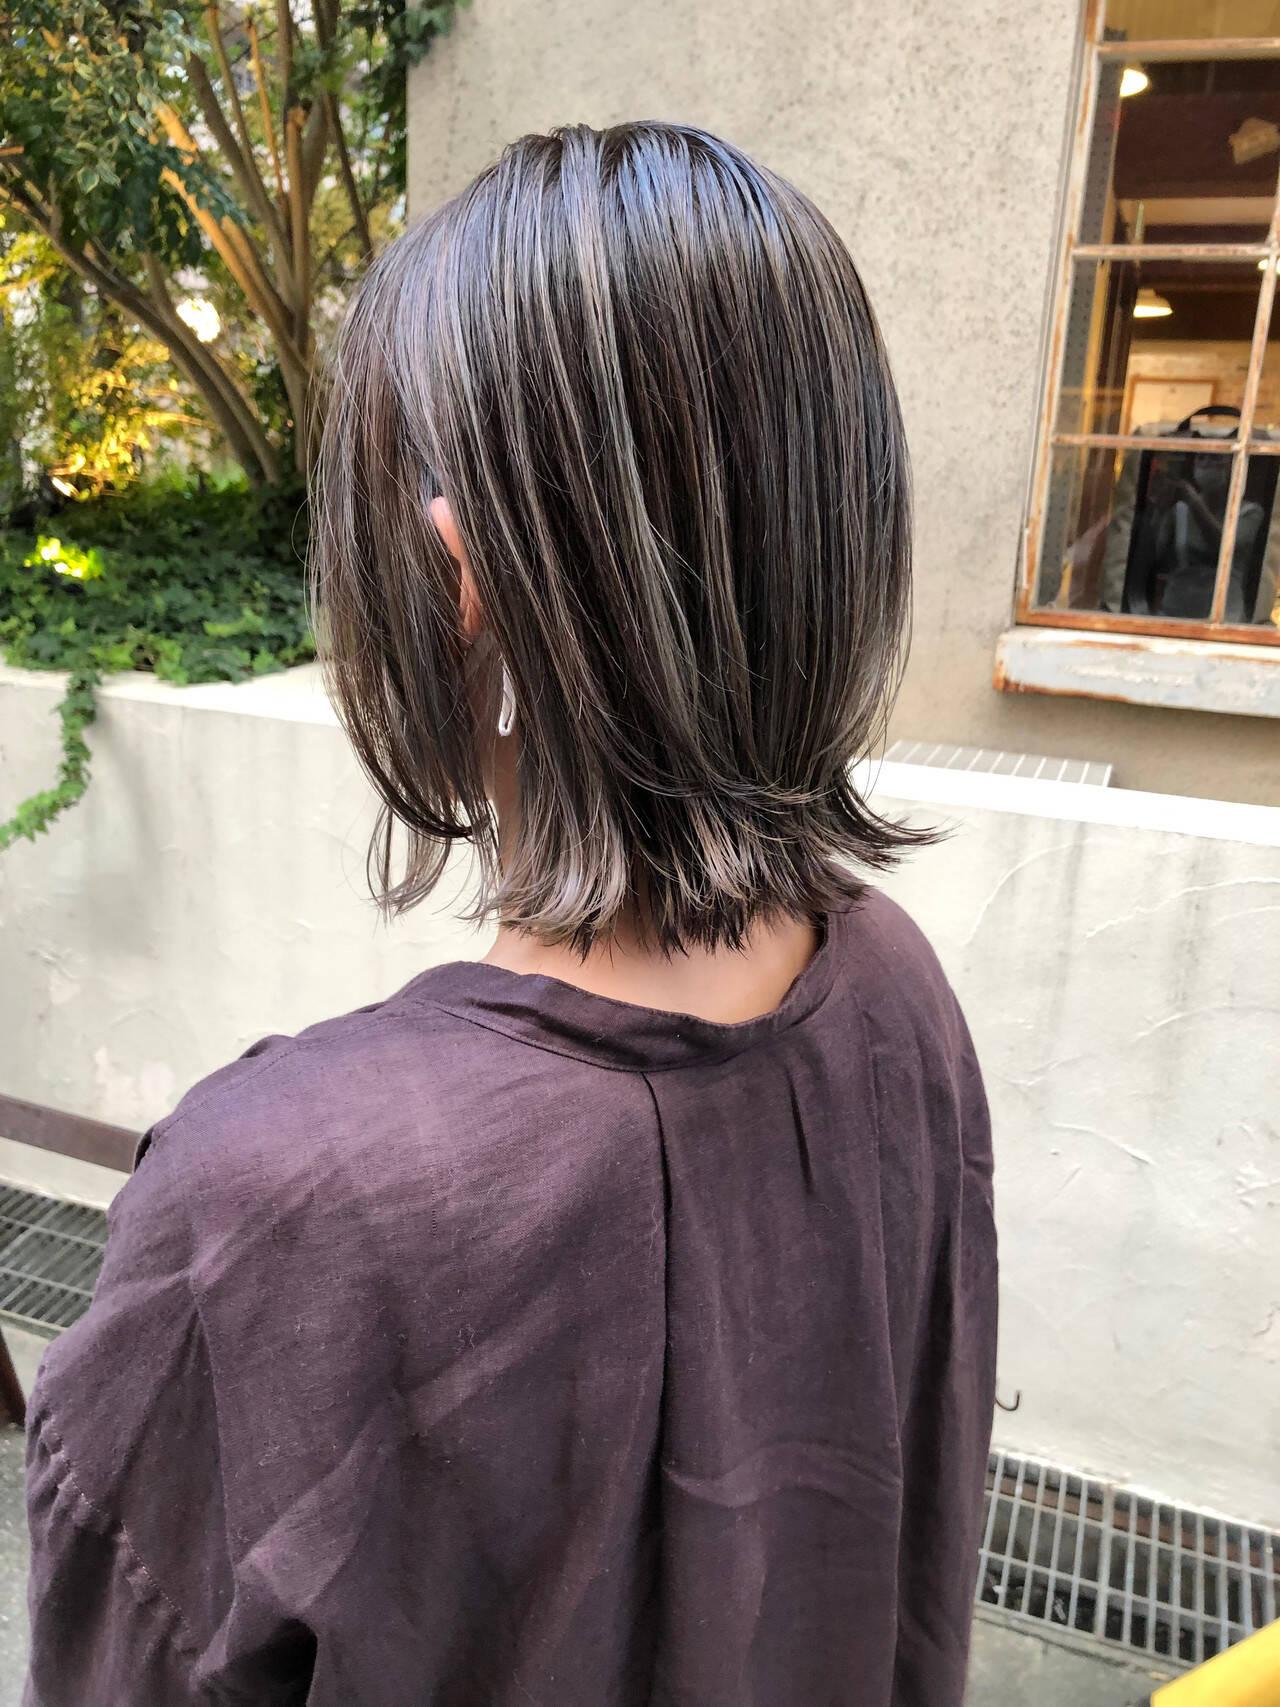 ウルフカット ボブ インナーカラー グラデーションカラーヘアスタイルや髪型の写真・画像